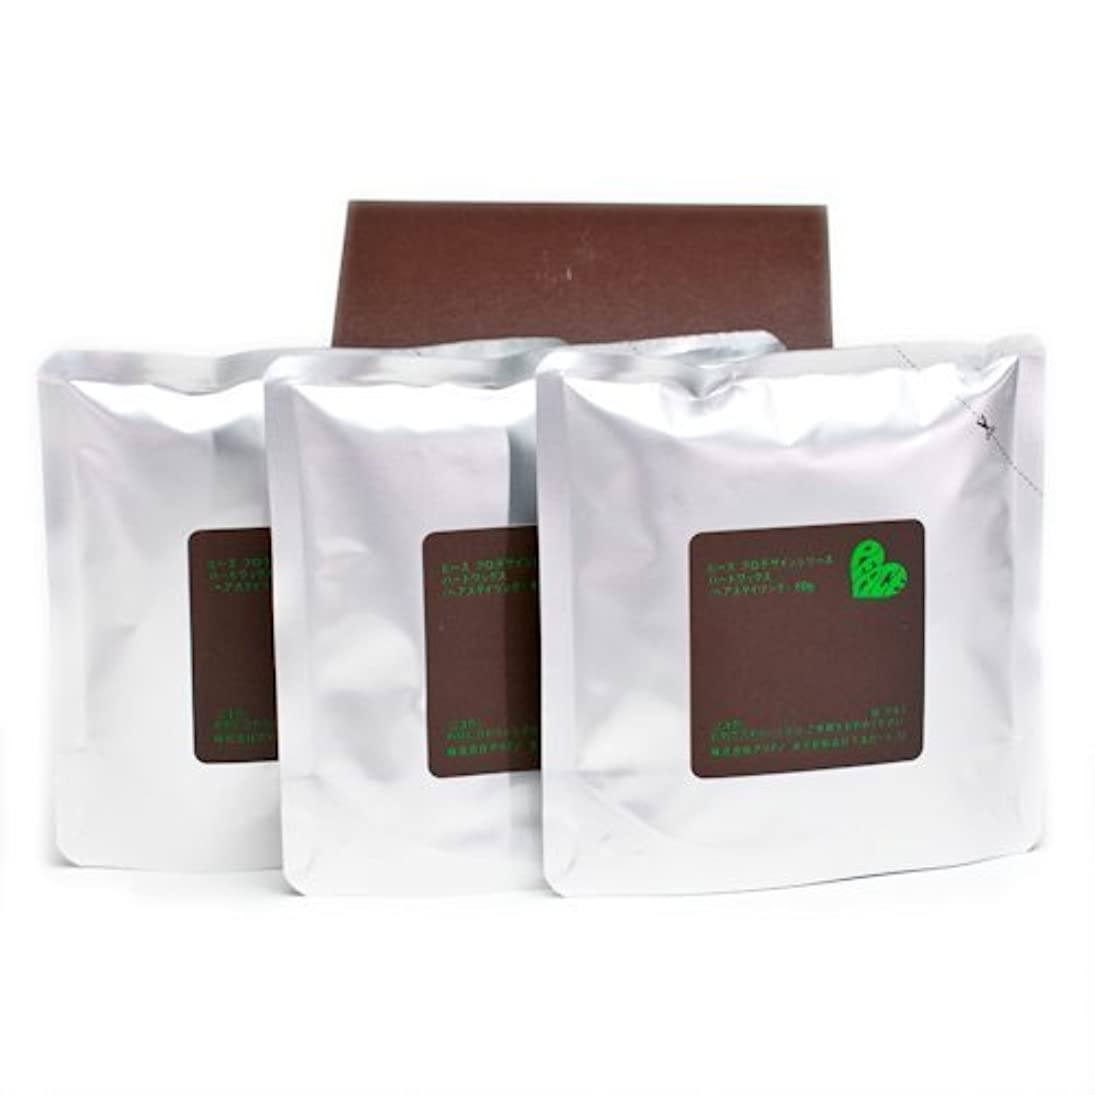 ニンニク行為クリップアリミノ ピース ハードワックス (チョコ) 80g(業務?詰替用)×3個入り